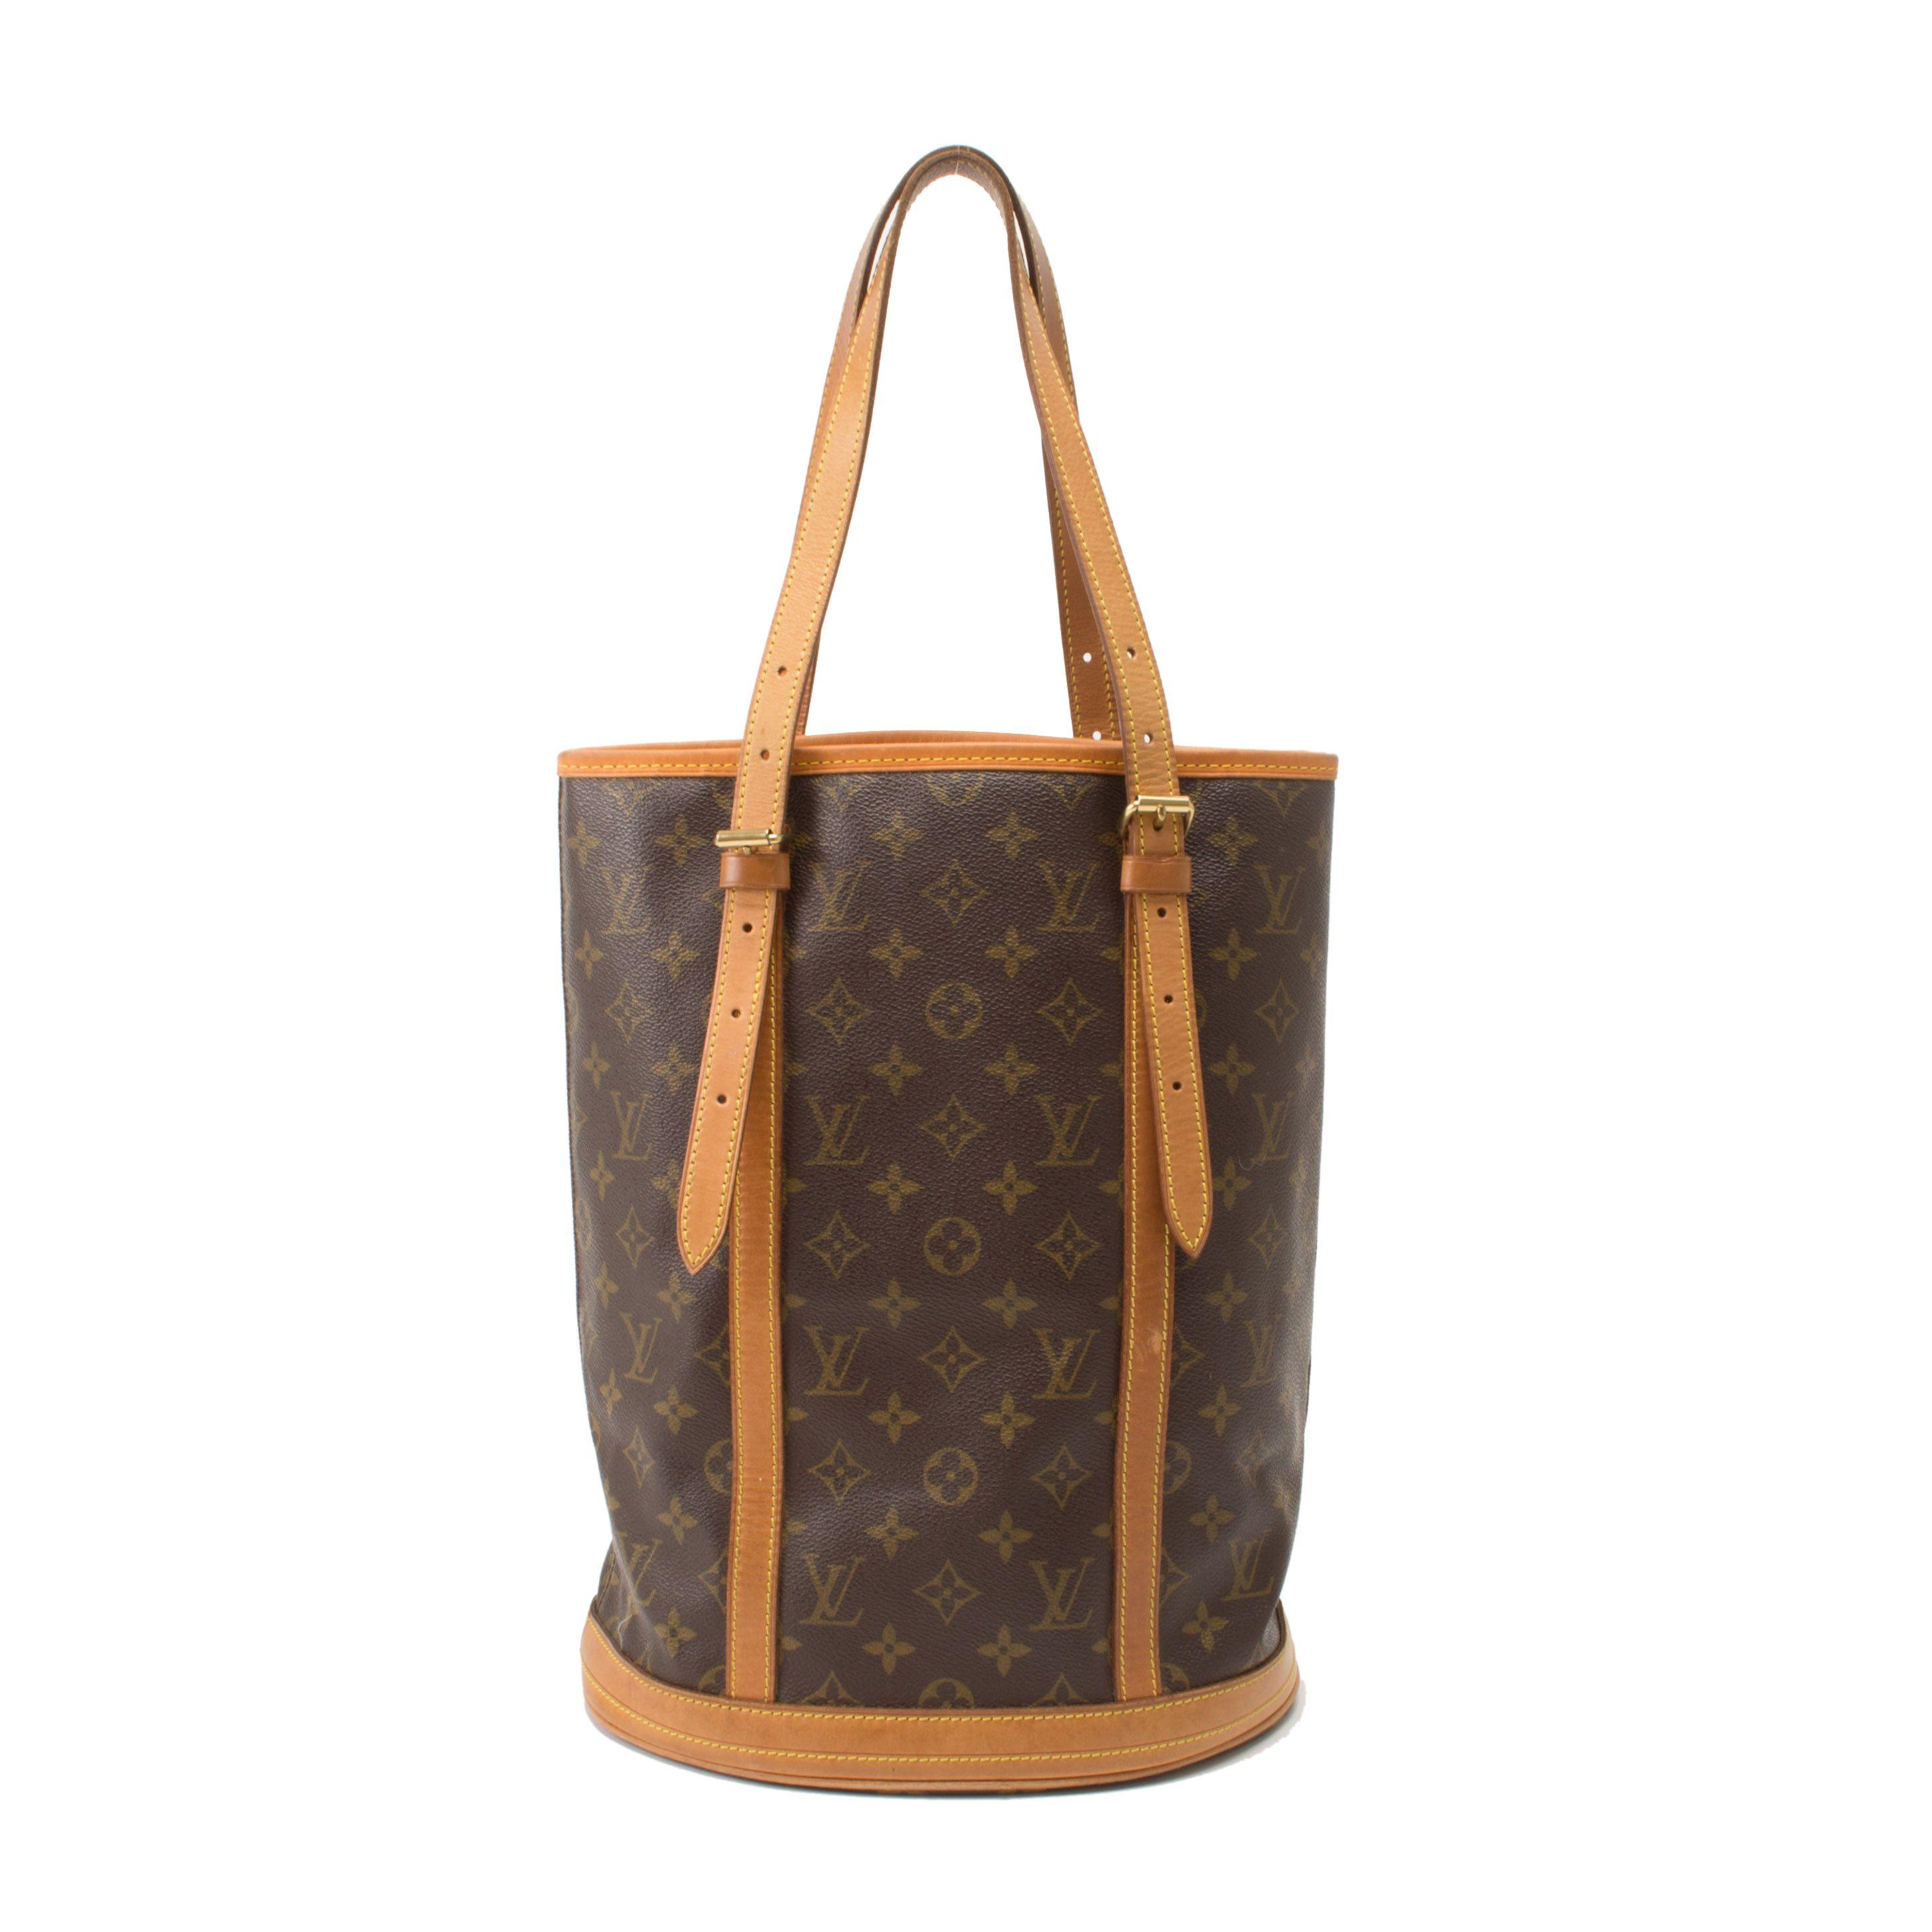 0f8baecce85a Gucci Hysteria Tapestry Bag   my addiction   Bags, Fashion ...